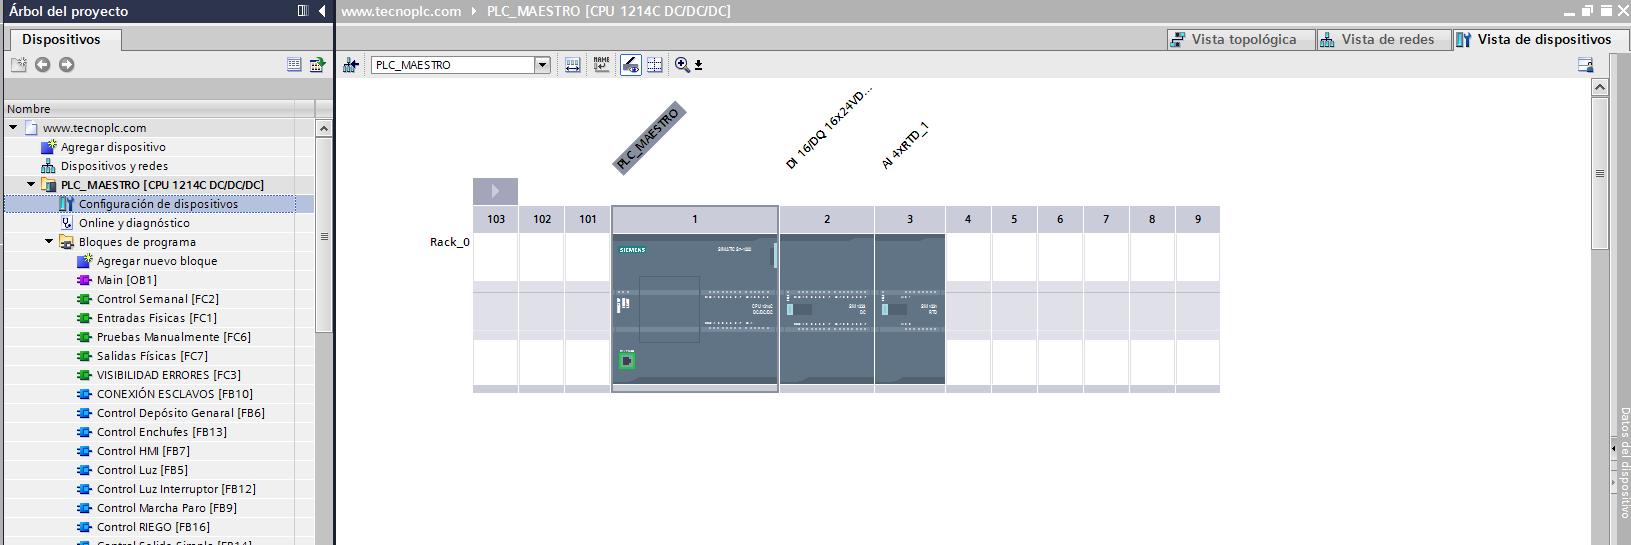 Configuración de dispositivos en proyecto TIA Portal.